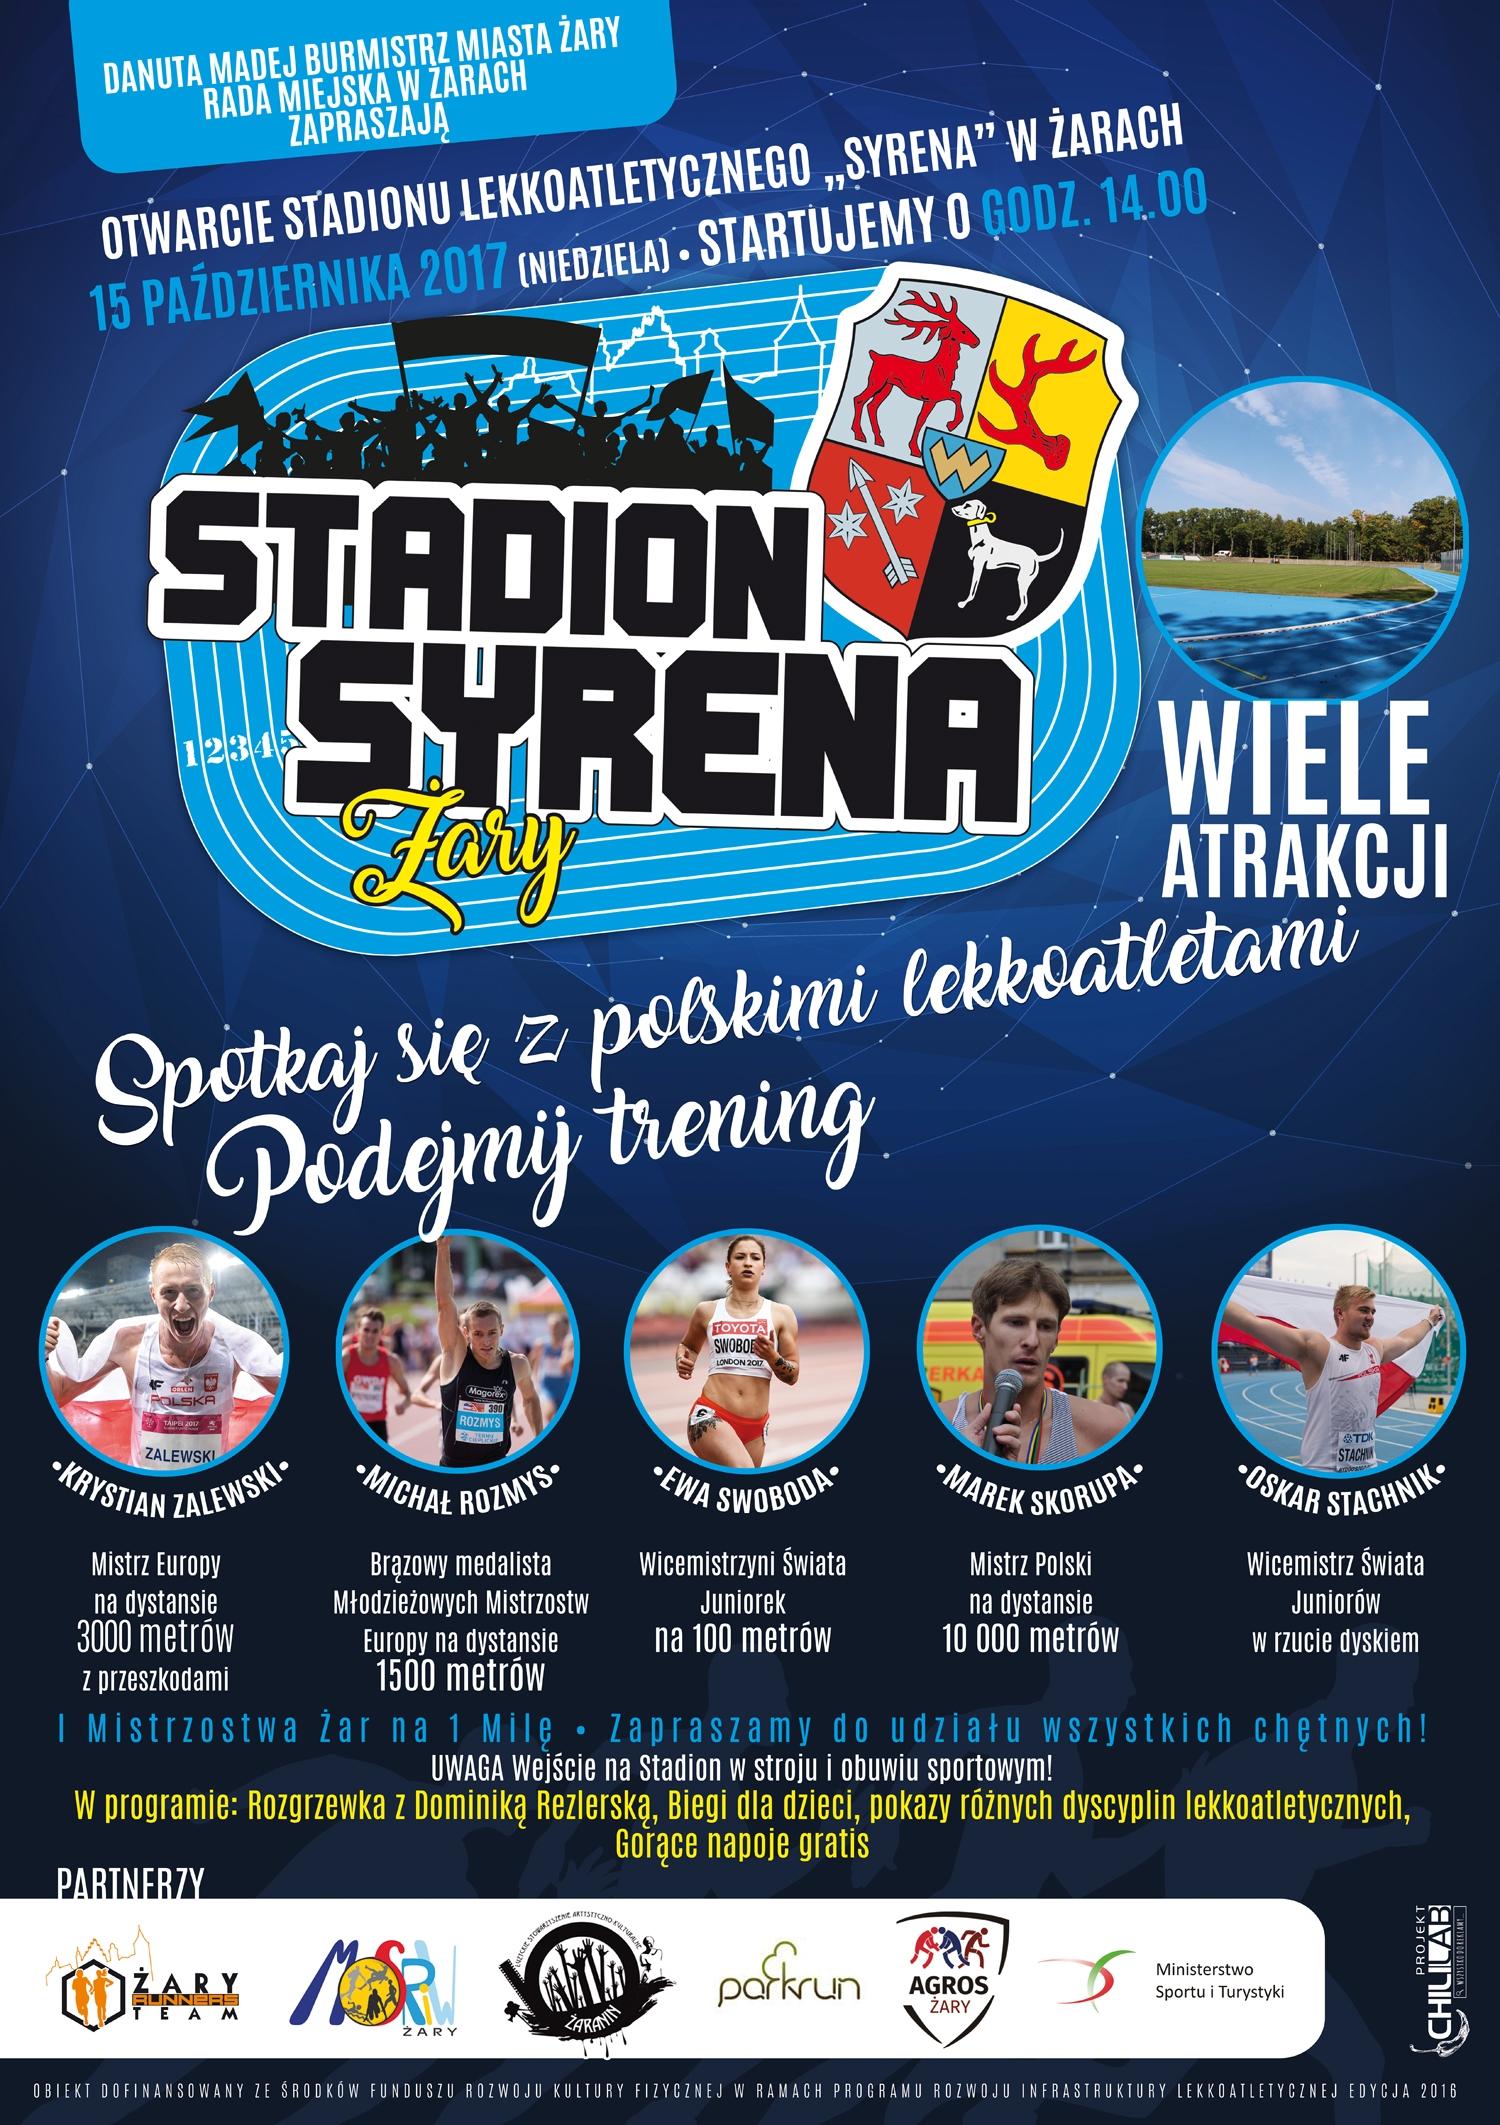 Ilustracja do informacji: Otwarcie Stadionu Lekkoatletycznego Syrena - galeria zdjęć